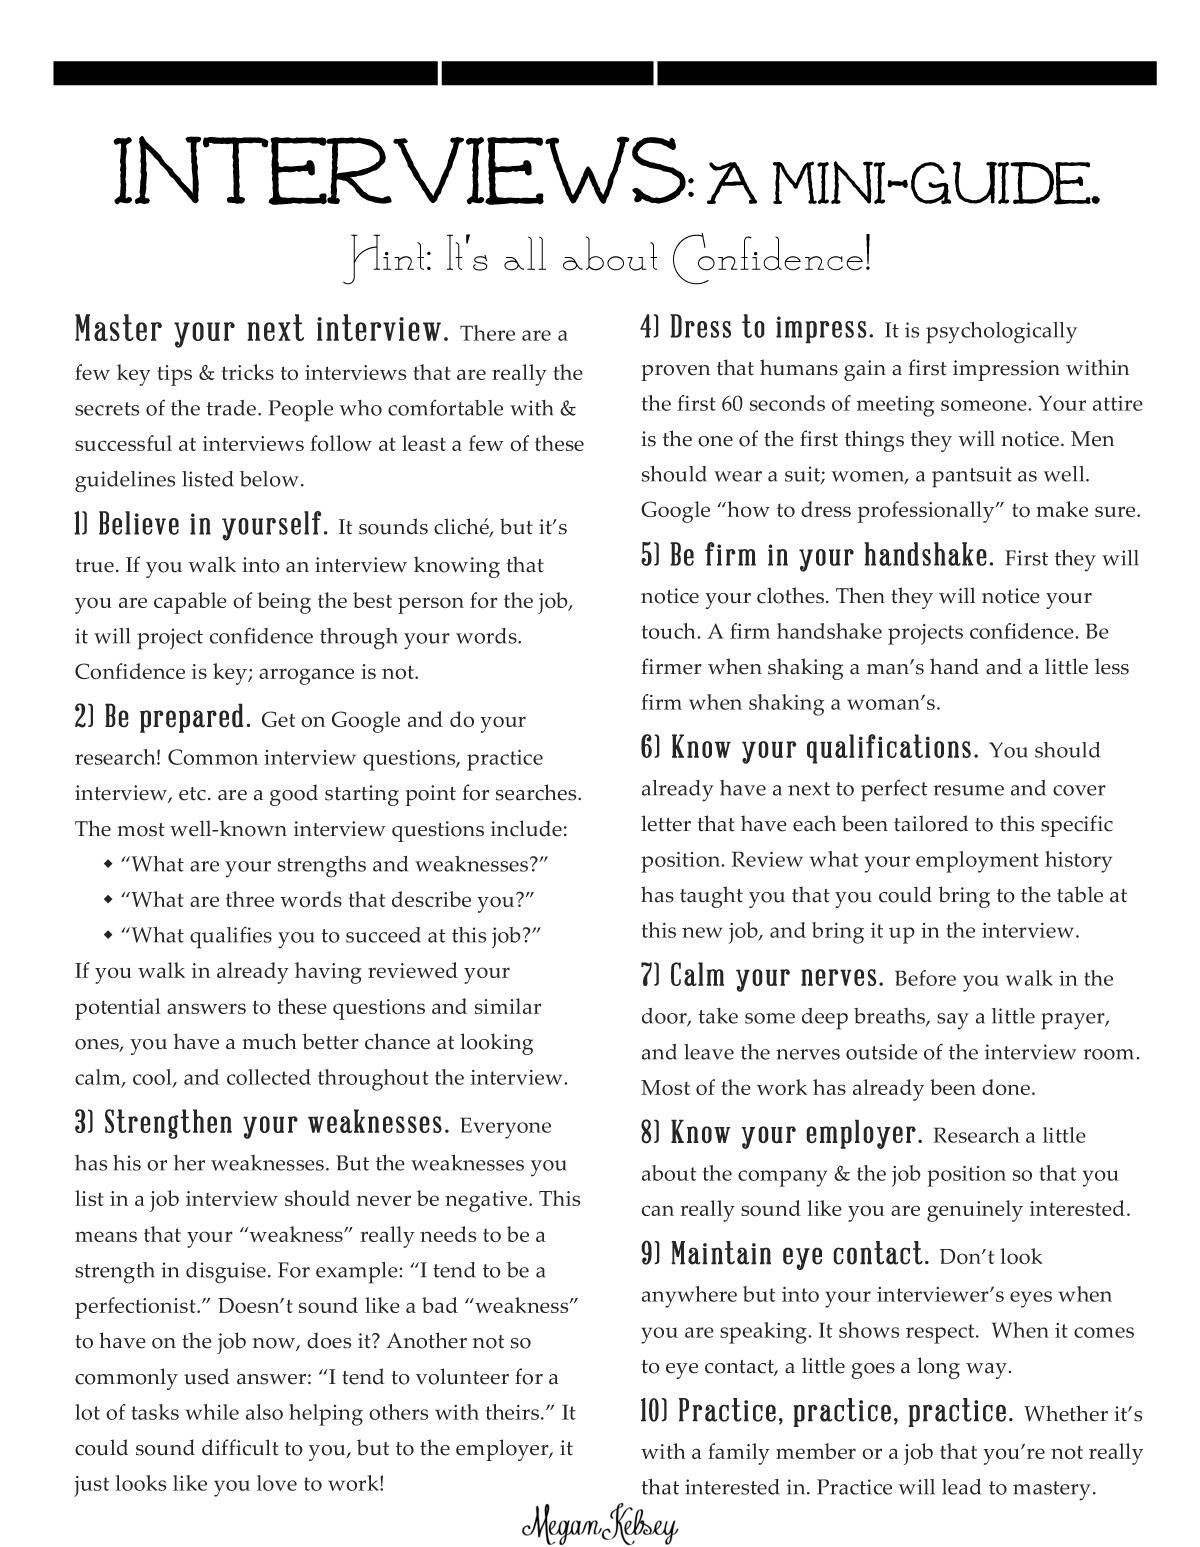 Interview-Mini-Guide